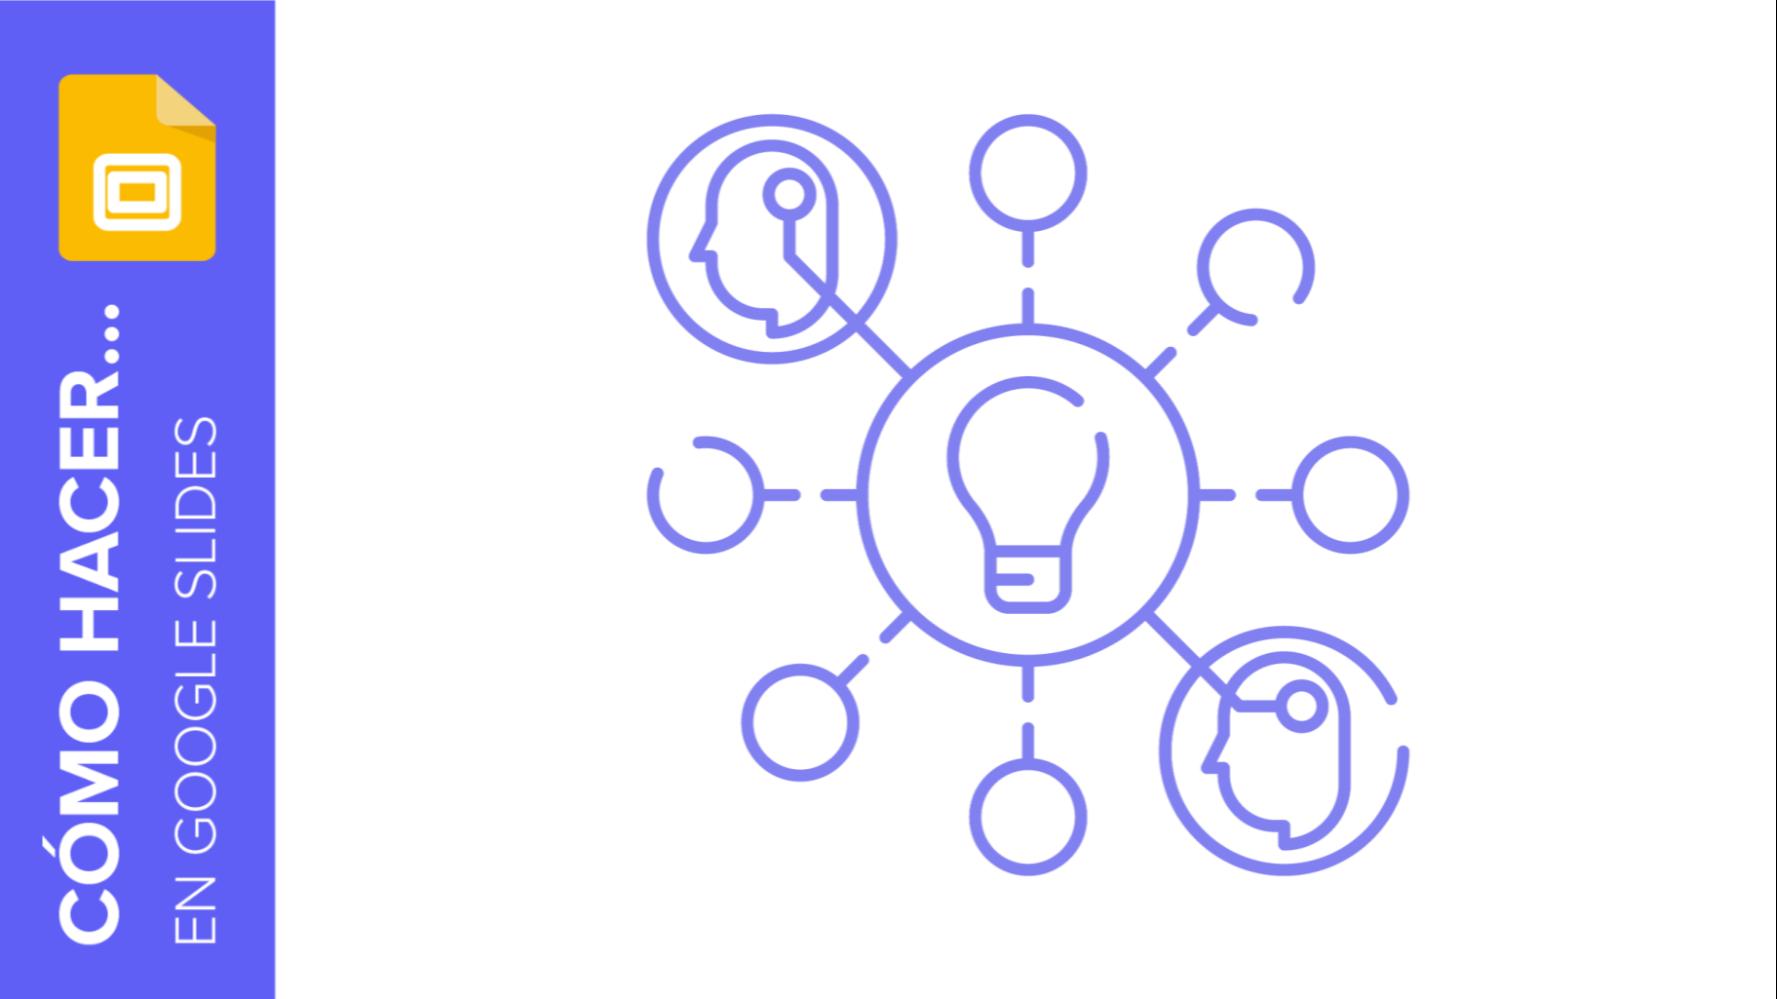 Cómo crear un mapa mental en Google Slides   Tutoriales y Tips para tus presentaciones